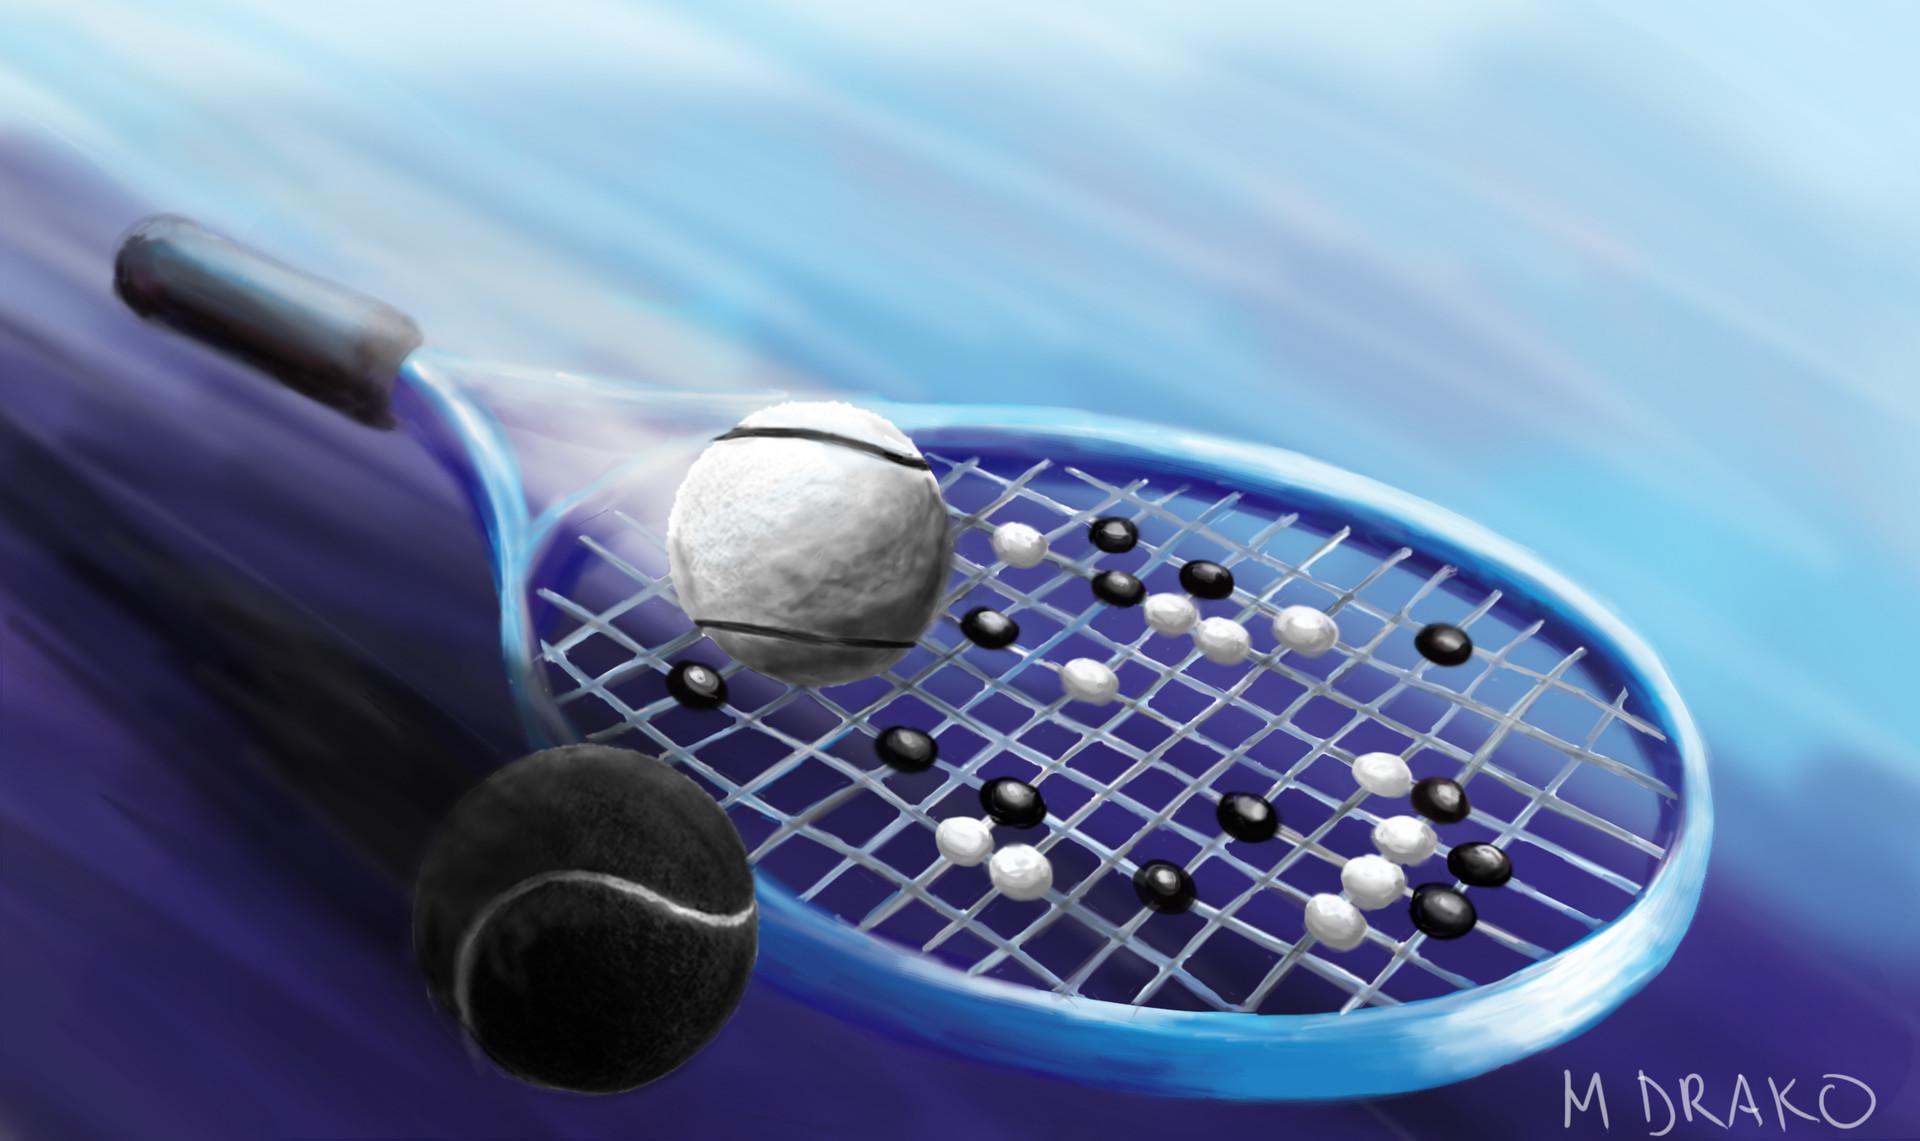 M drako go x tennis